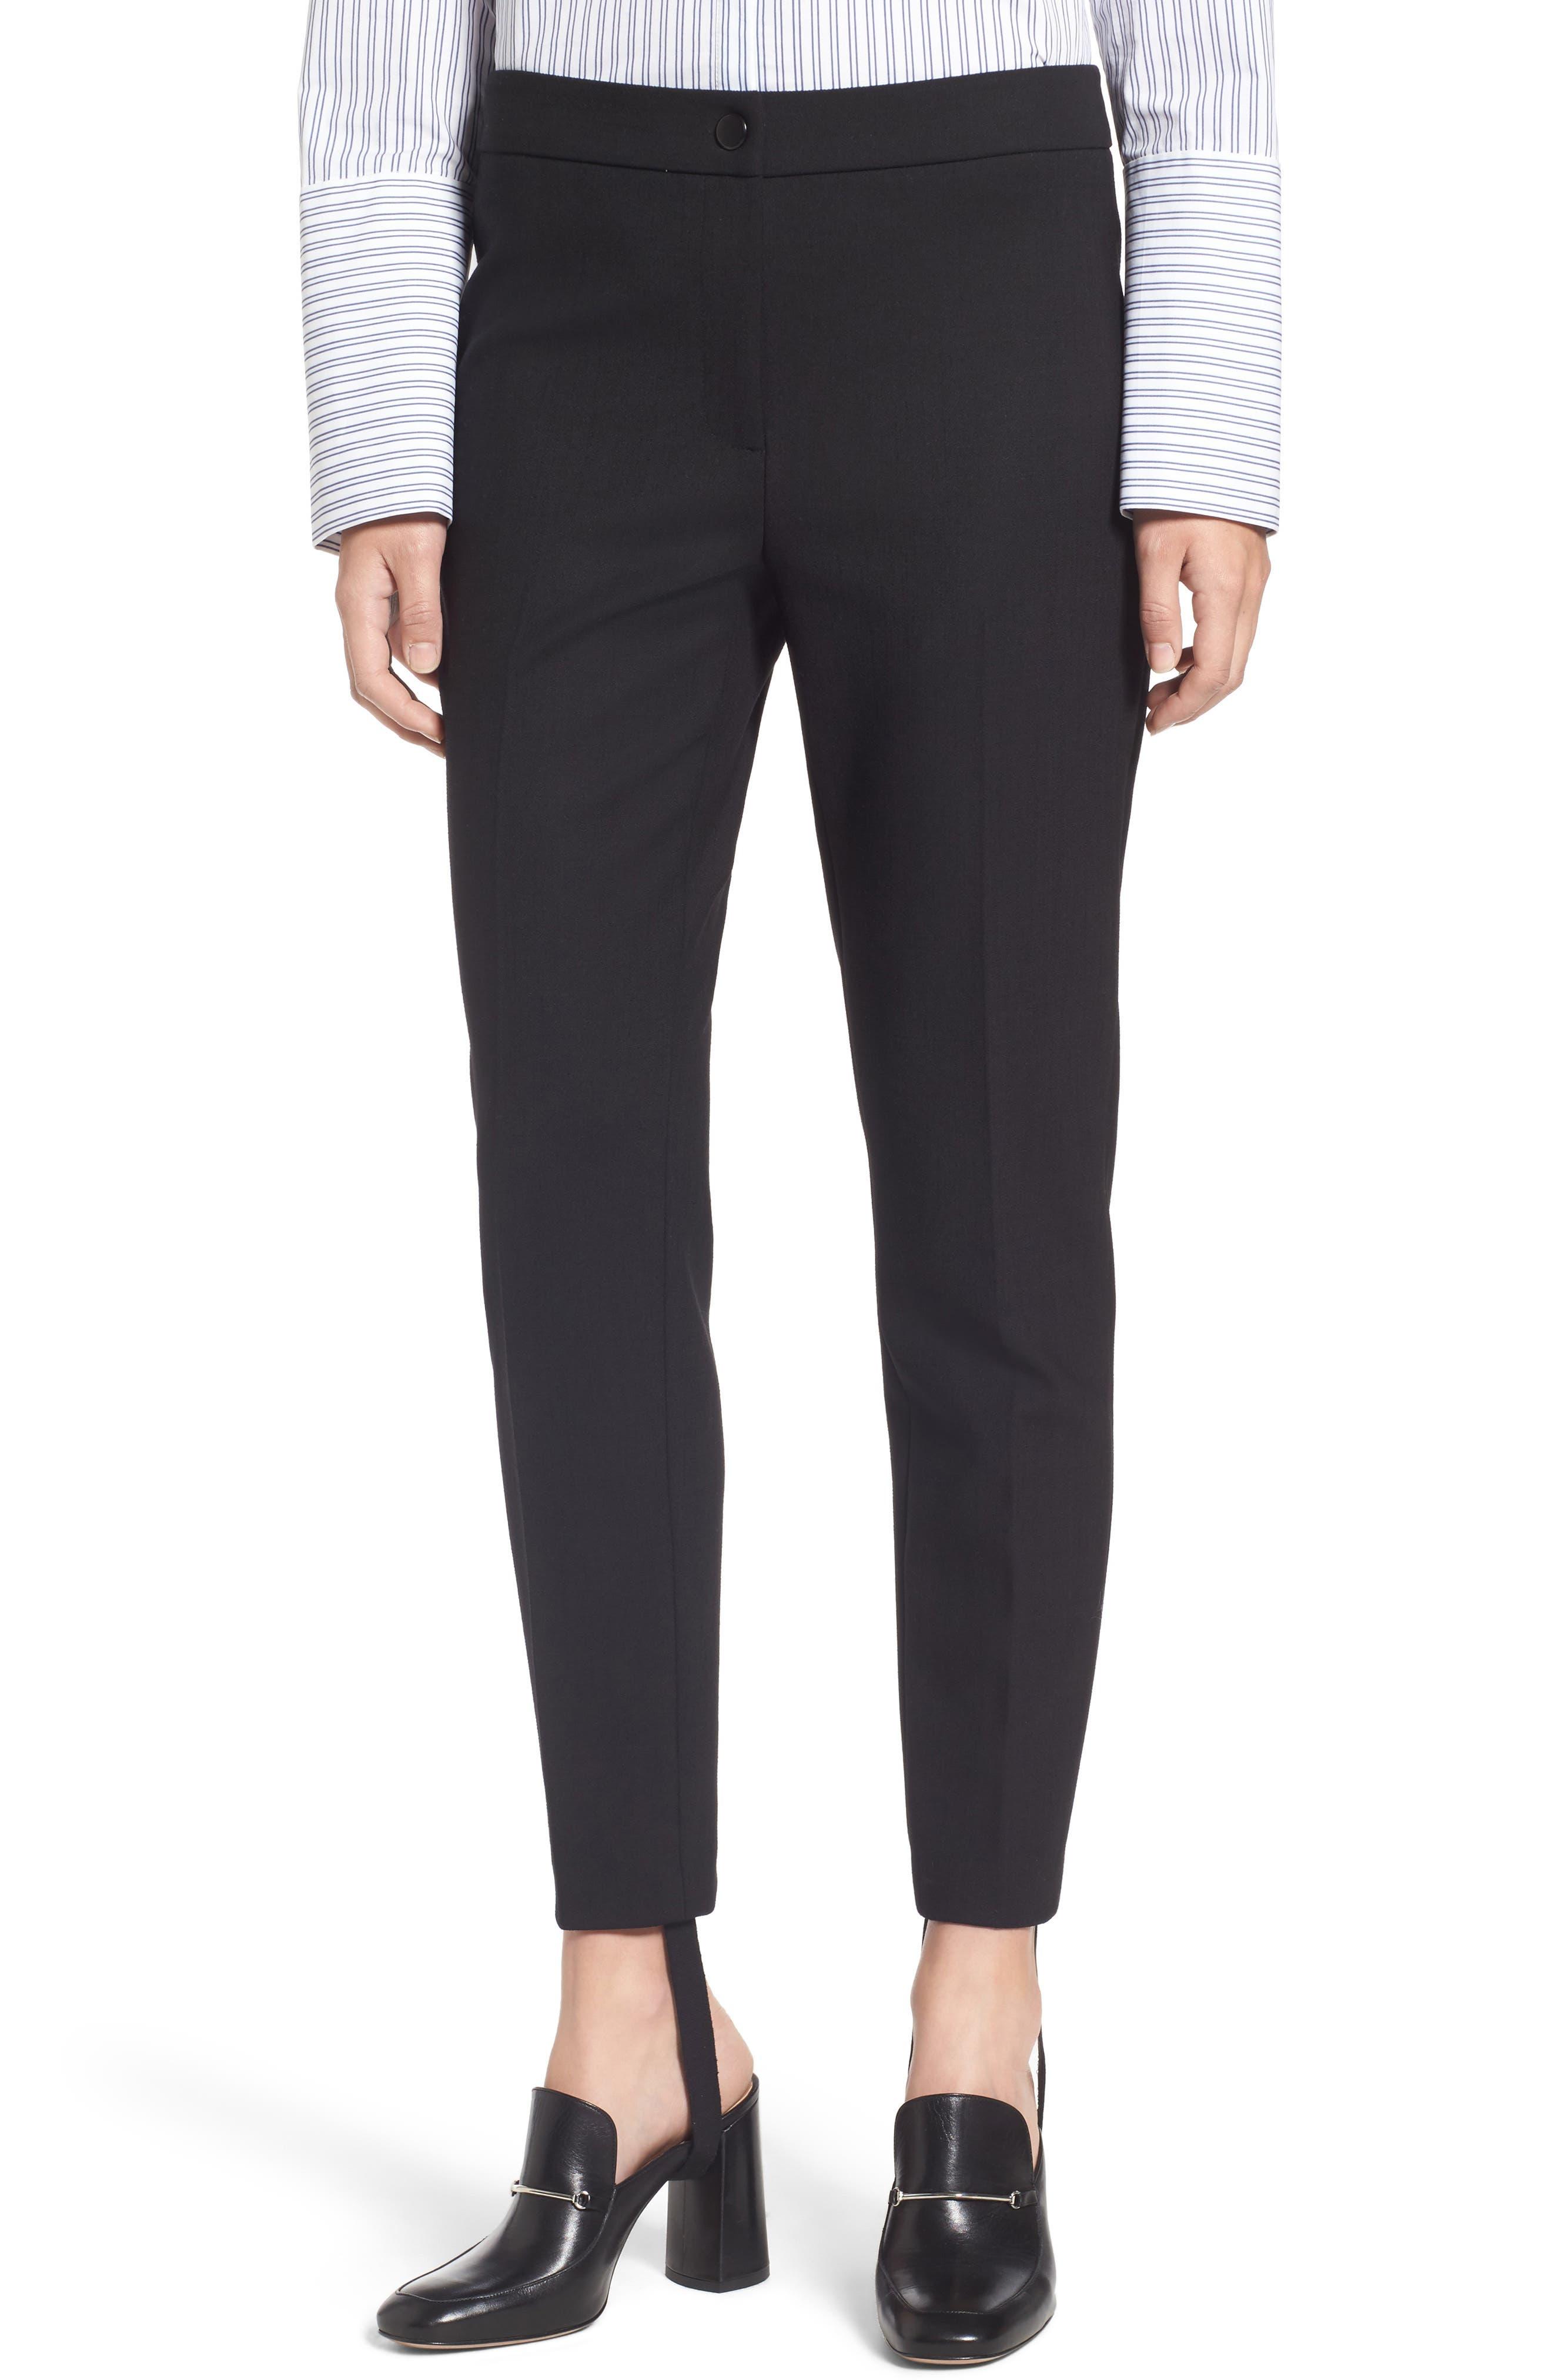 Removable Stirrup Pants,                         Main,                         color, Black